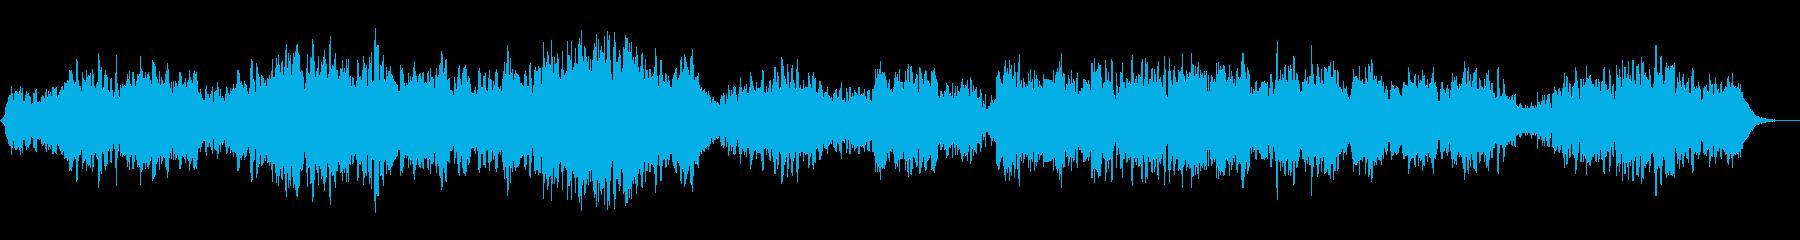 静かな灯台をイメージしたヒーリングBGMの再生済みの波形